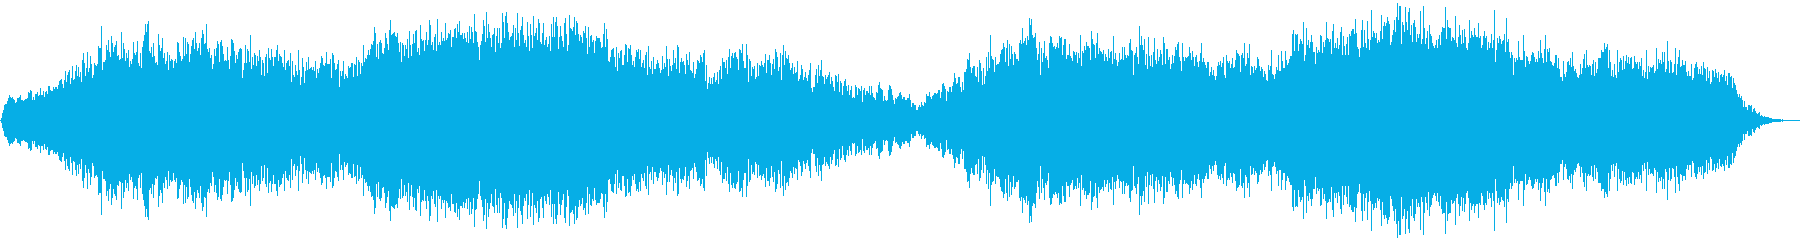 ダークで、退廃的なシーンにの再生済みの波形